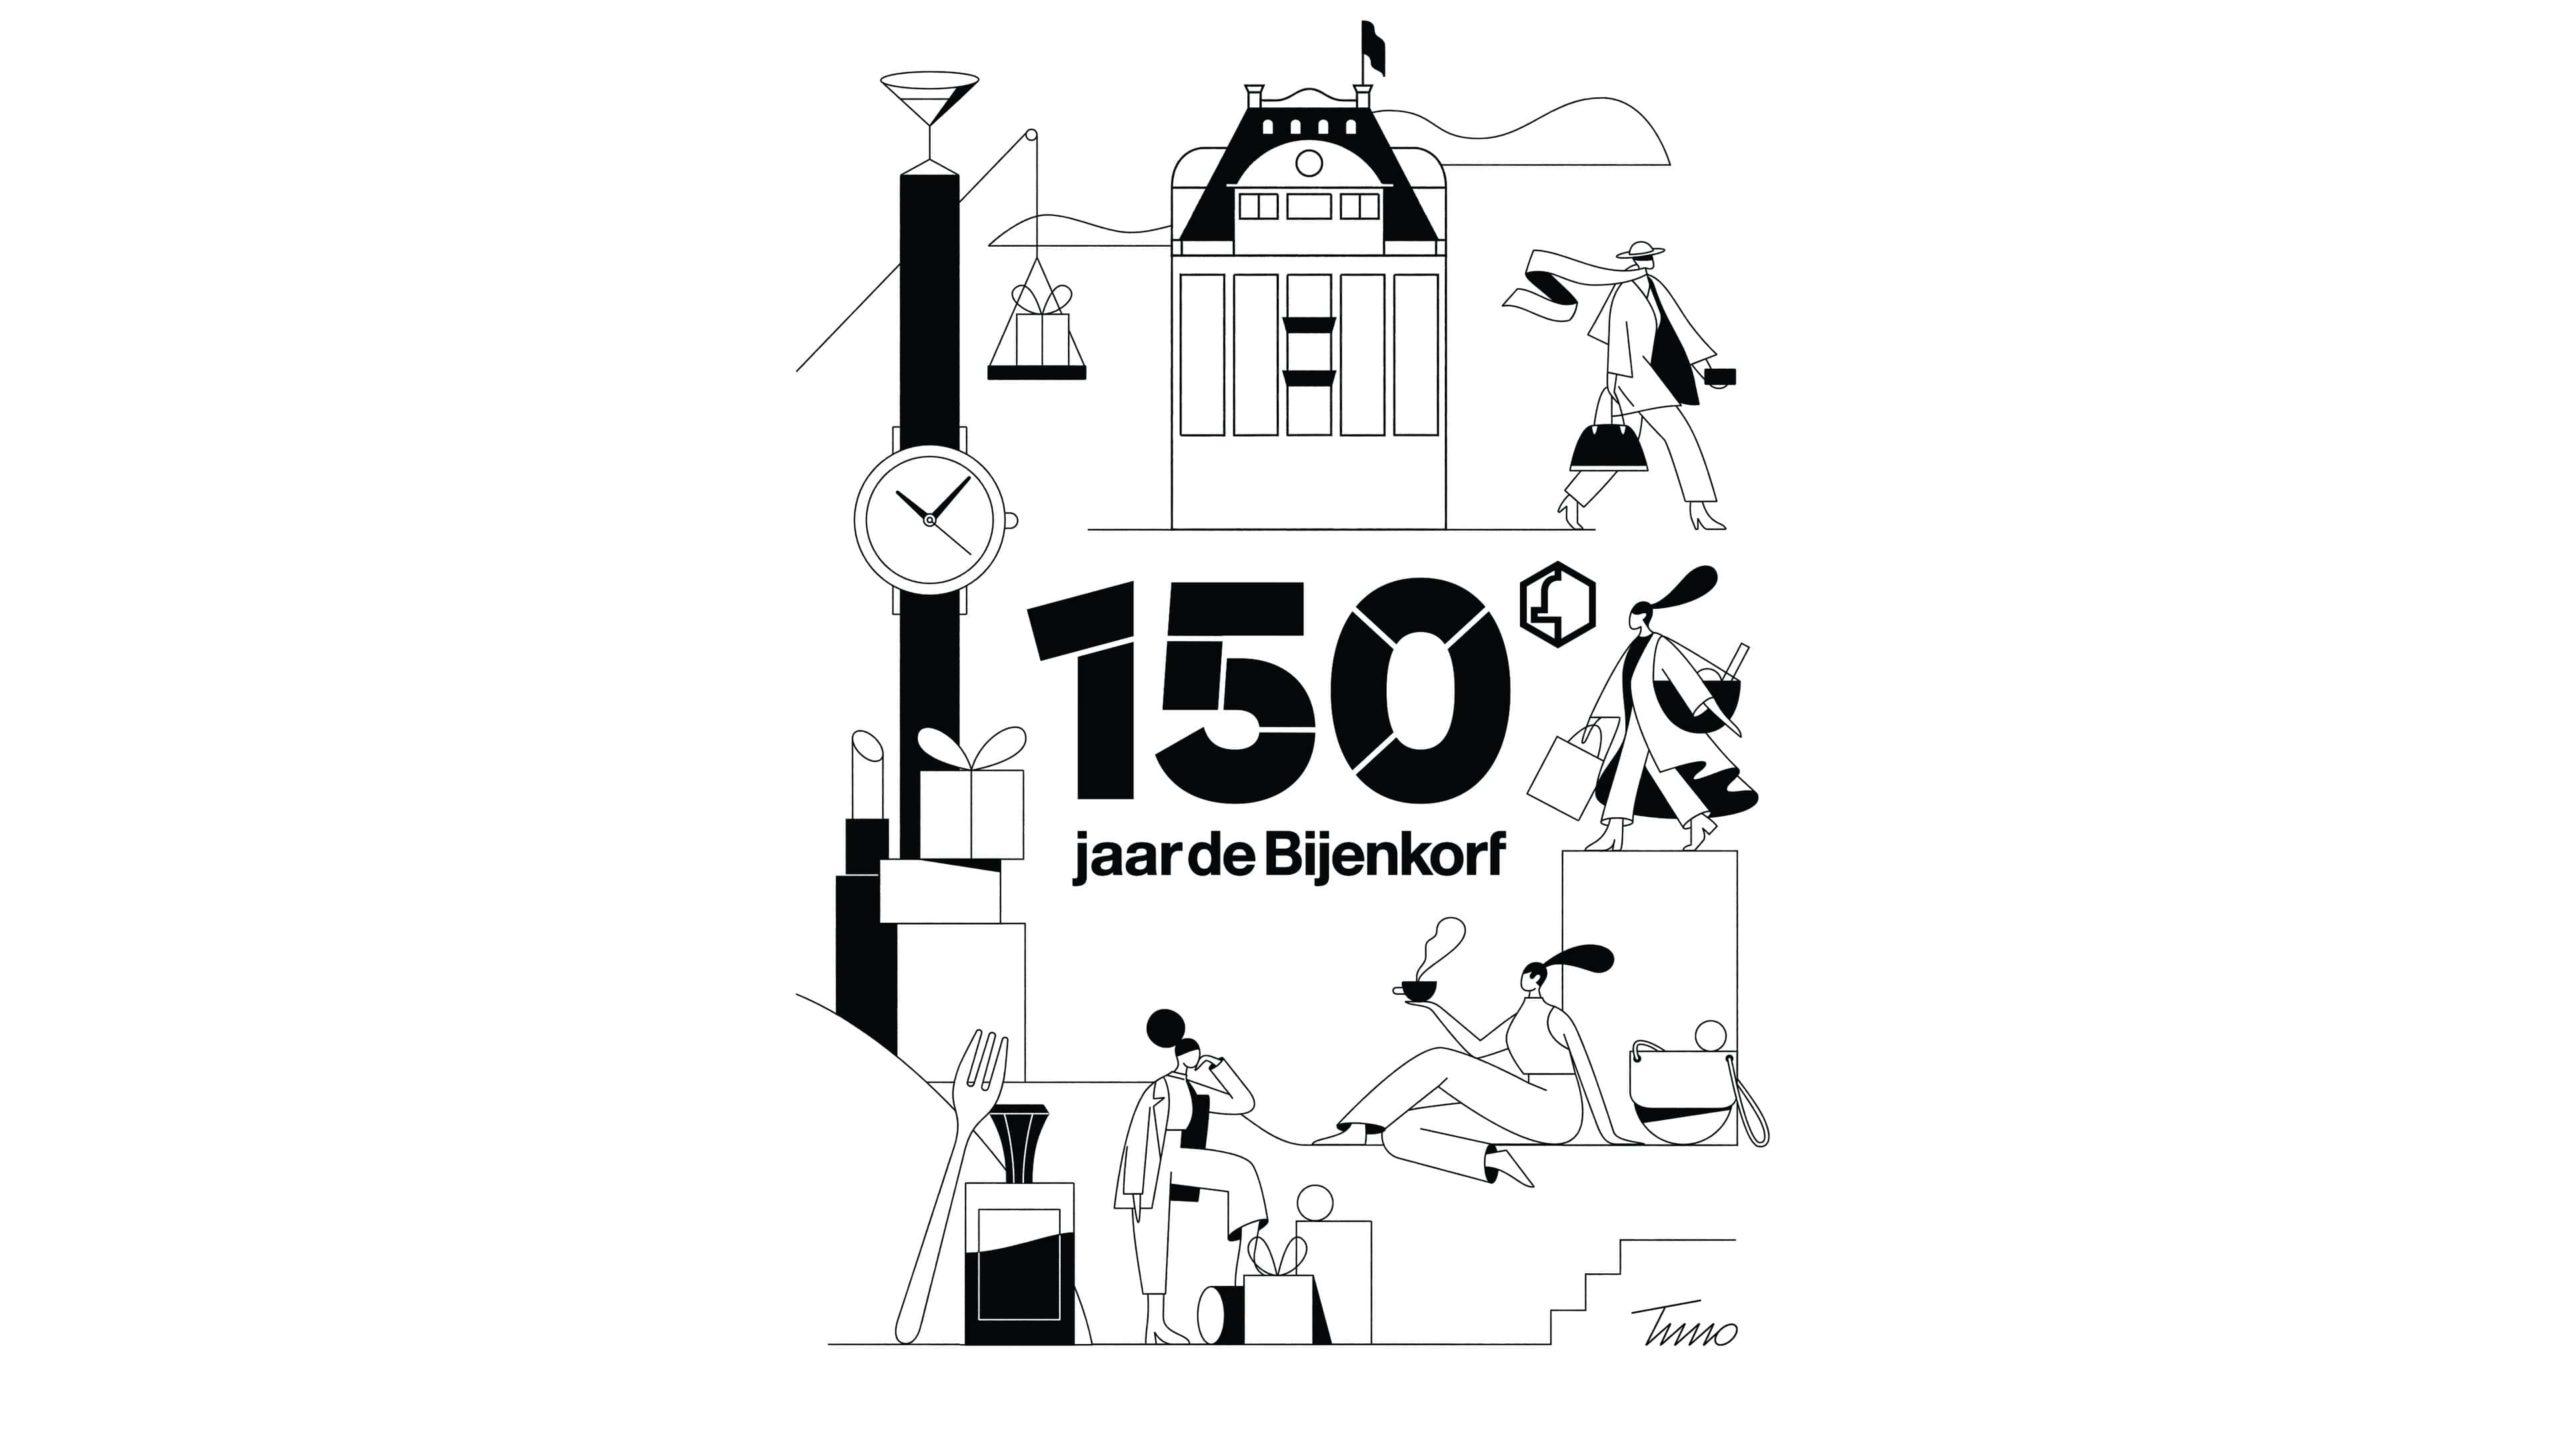 de-bijenkorf-viert-150-jarig-jubileum-min